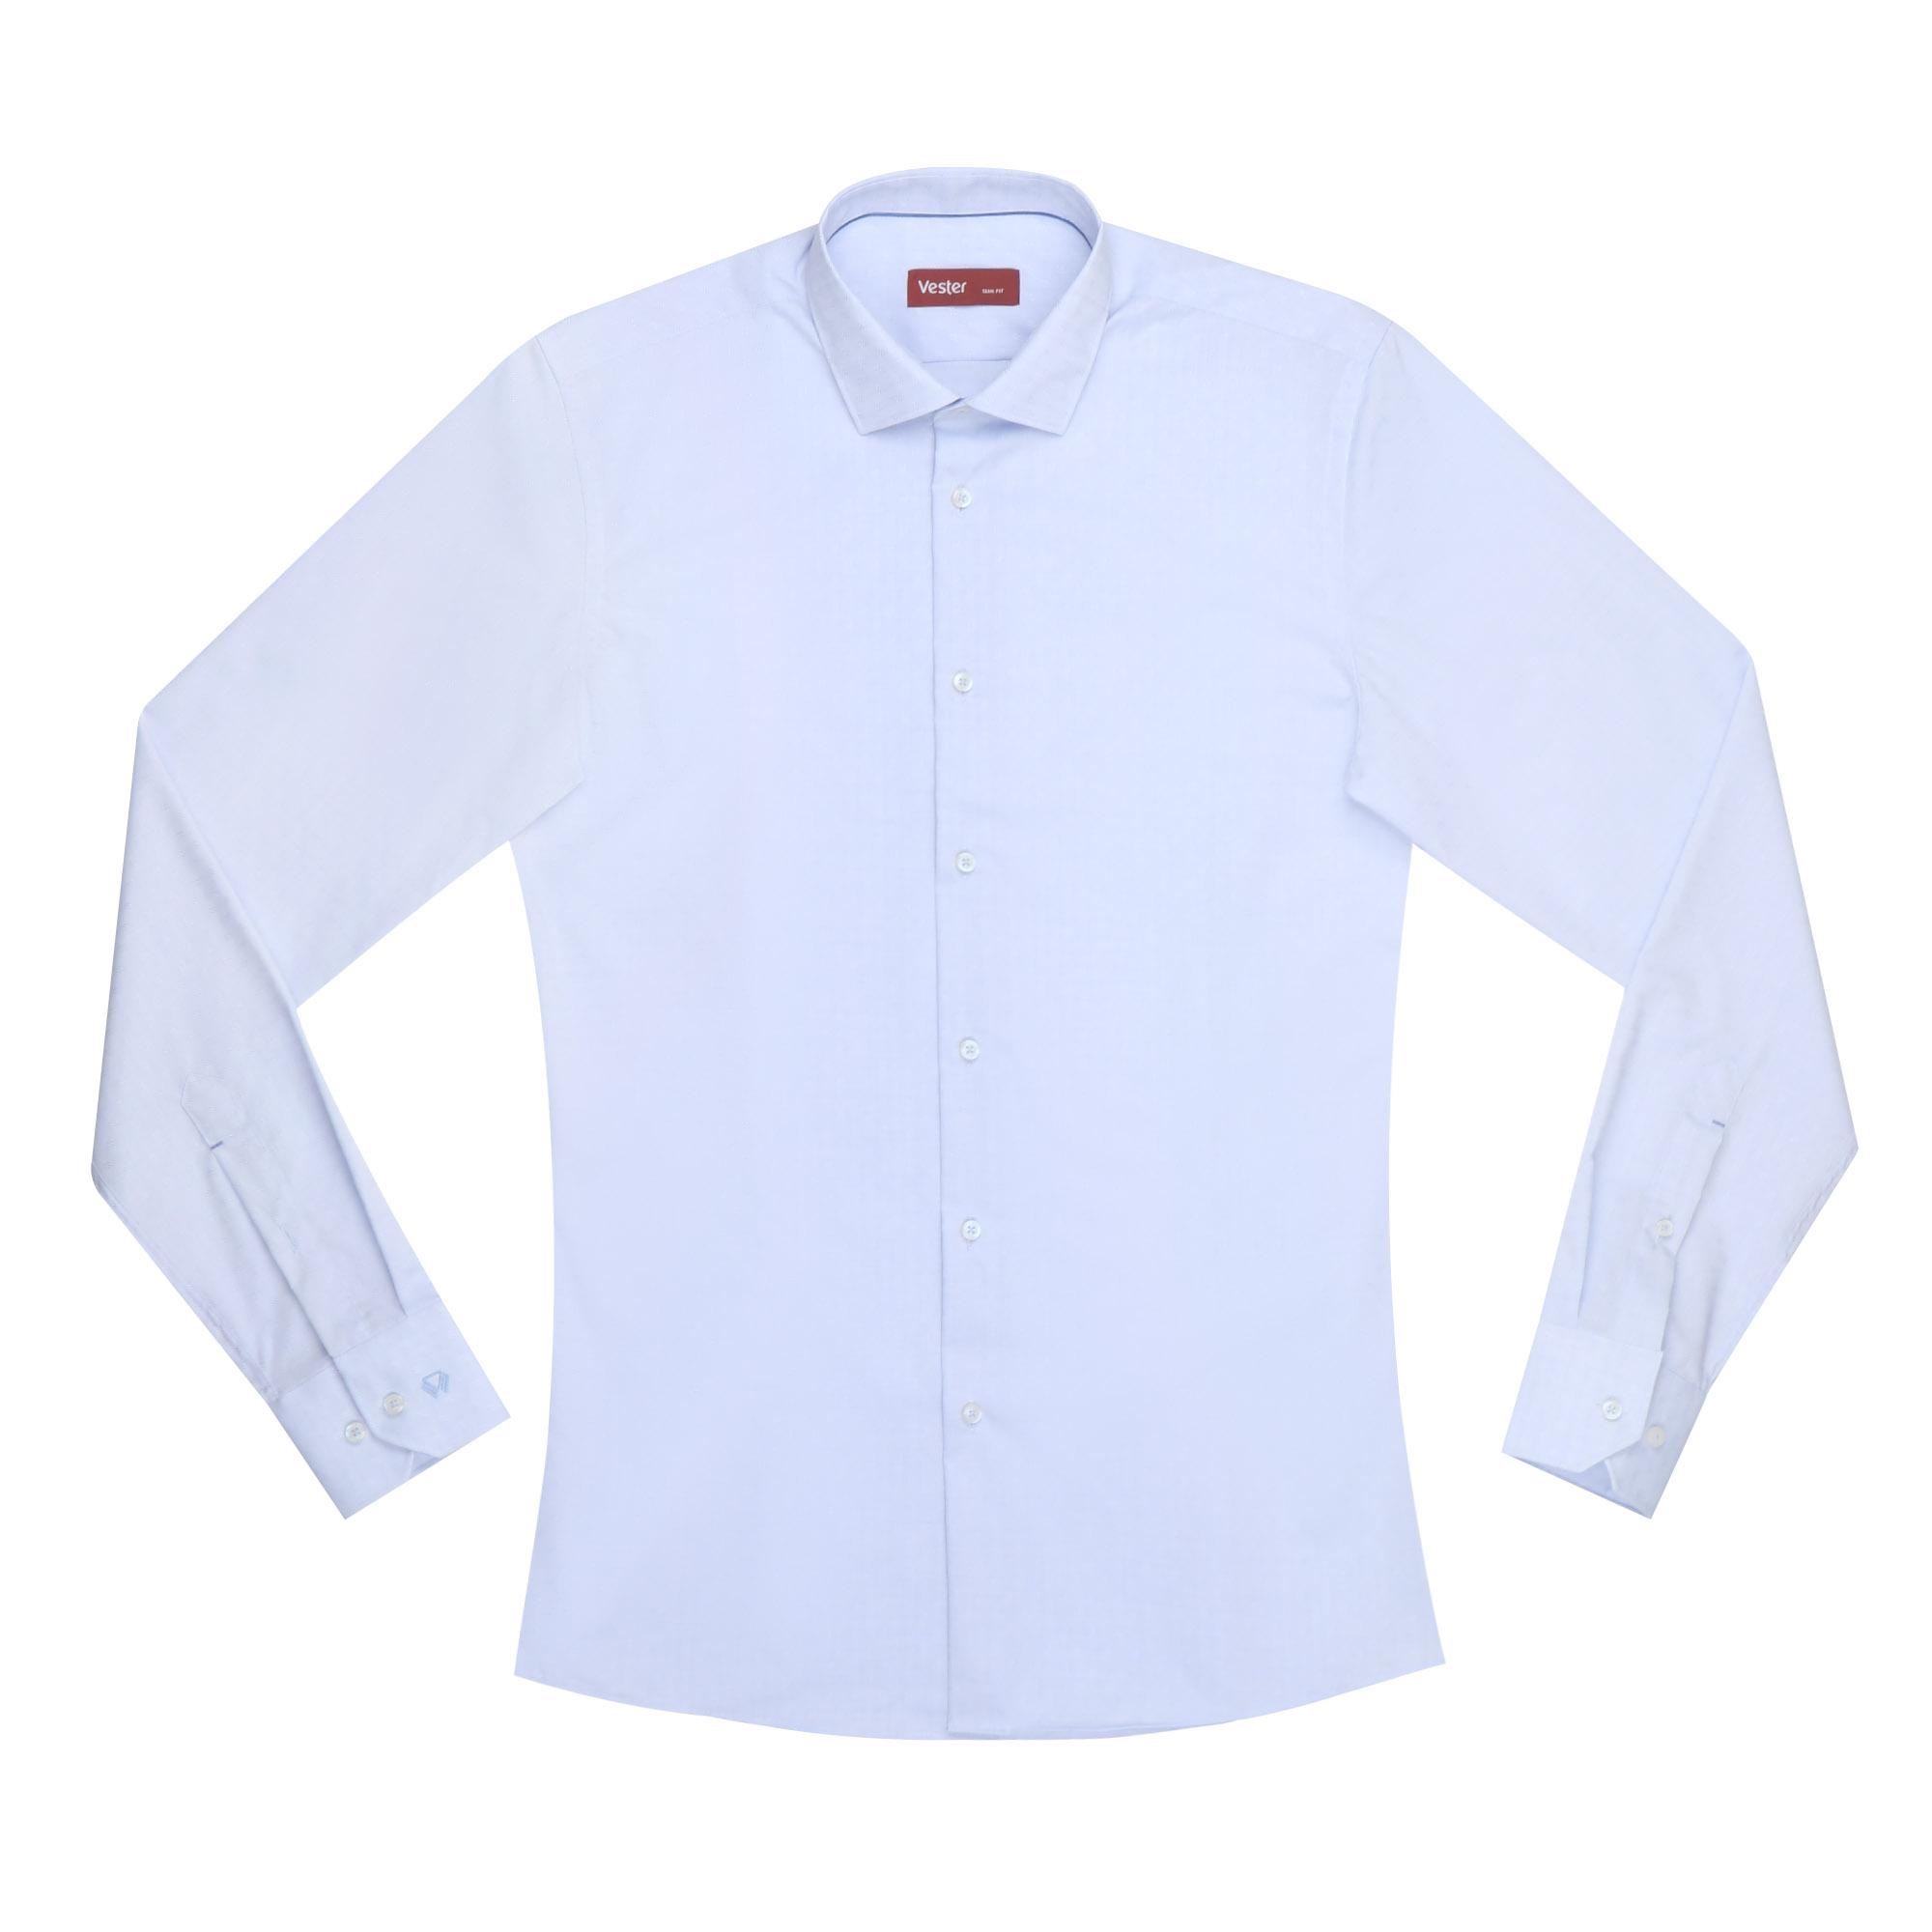 Сорочка мужская Vester 18816 голубая 41S 182-188 сорочка мужская vester 43с 182 188 небесно голубая